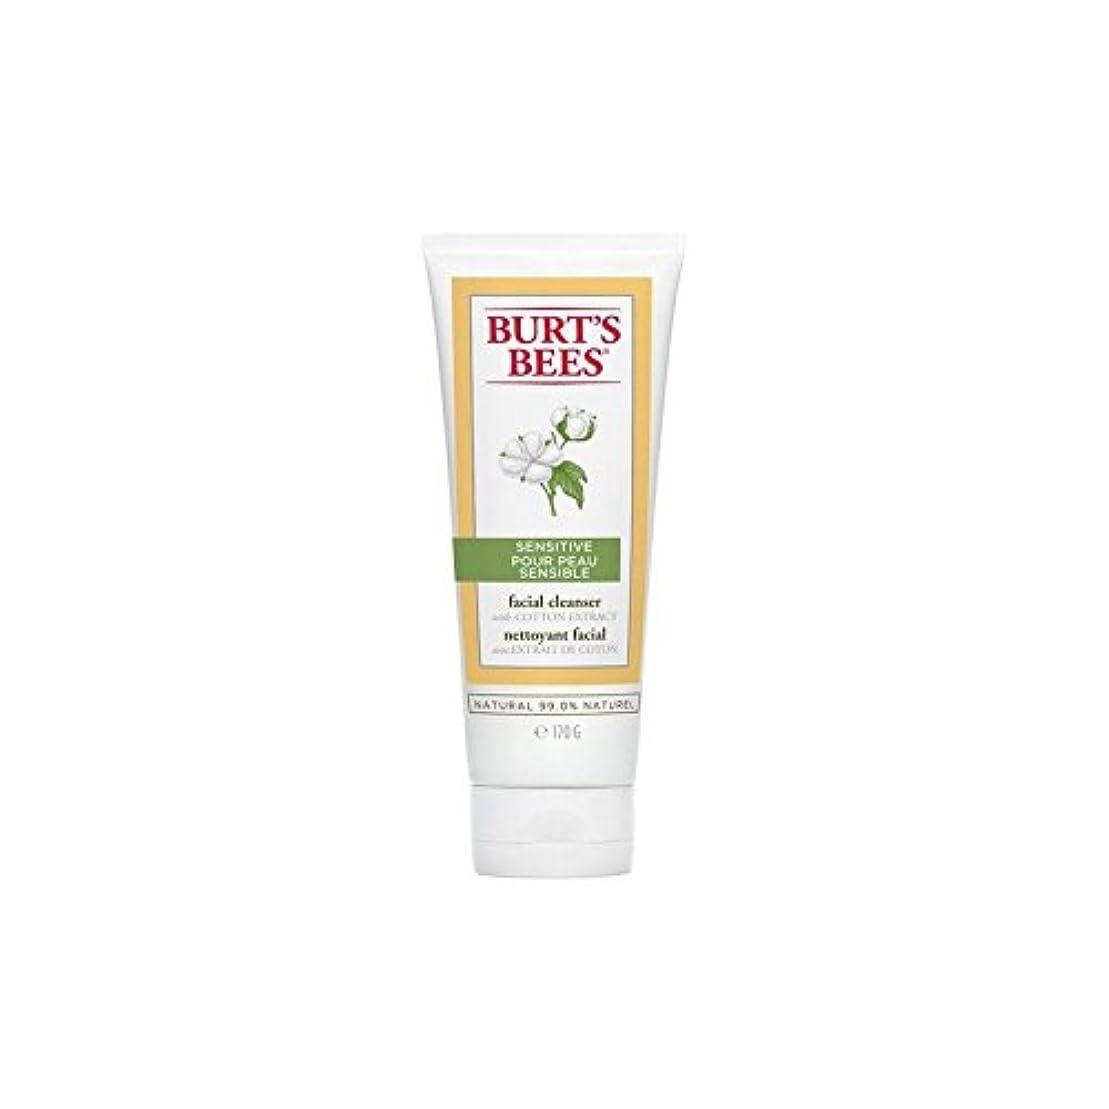 アーネストシャクルトン傾く平らなバーツビー敏感な洗顔料の170グラム x4 - Burt's Bees Sensitive Facial Cleanser 170G (Pack of 4) [並行輸入品]